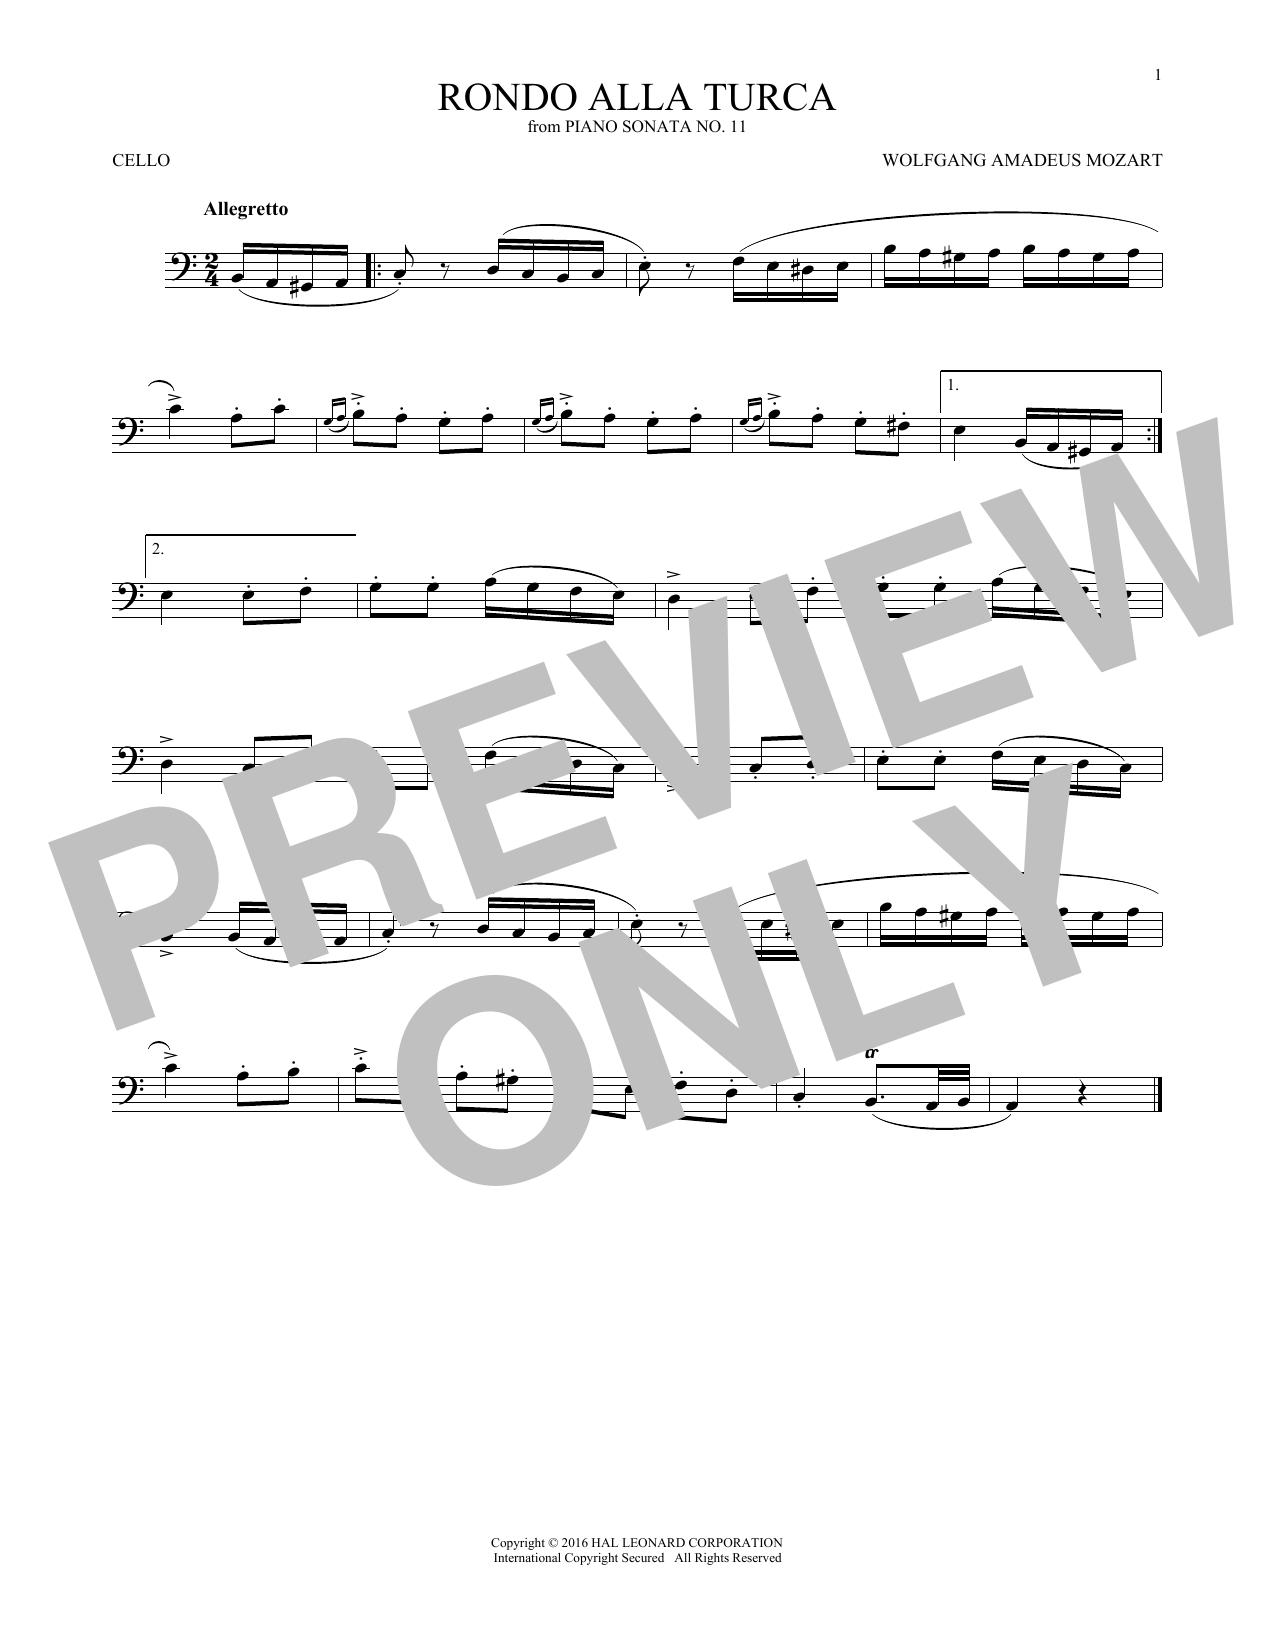 Rondo Alla Turca (Cello Solo)